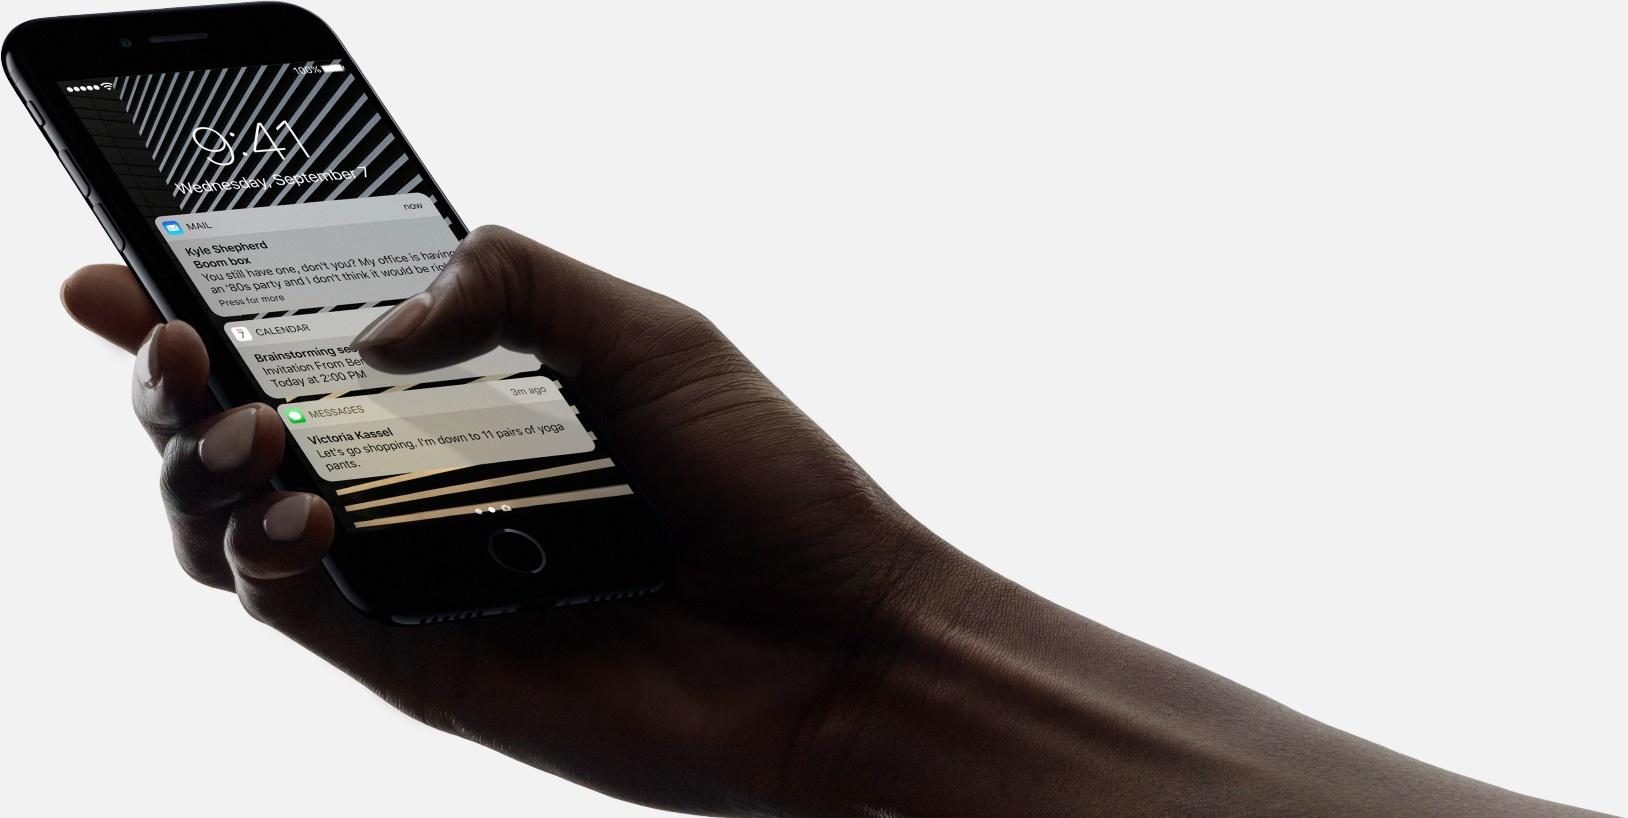 قیمت آیفون۷ از ۲میلیون و ۳۰۰هزار تومان / تاریخ پیشخرید و دریافت گوشیهای جدید و اسامی کشورها